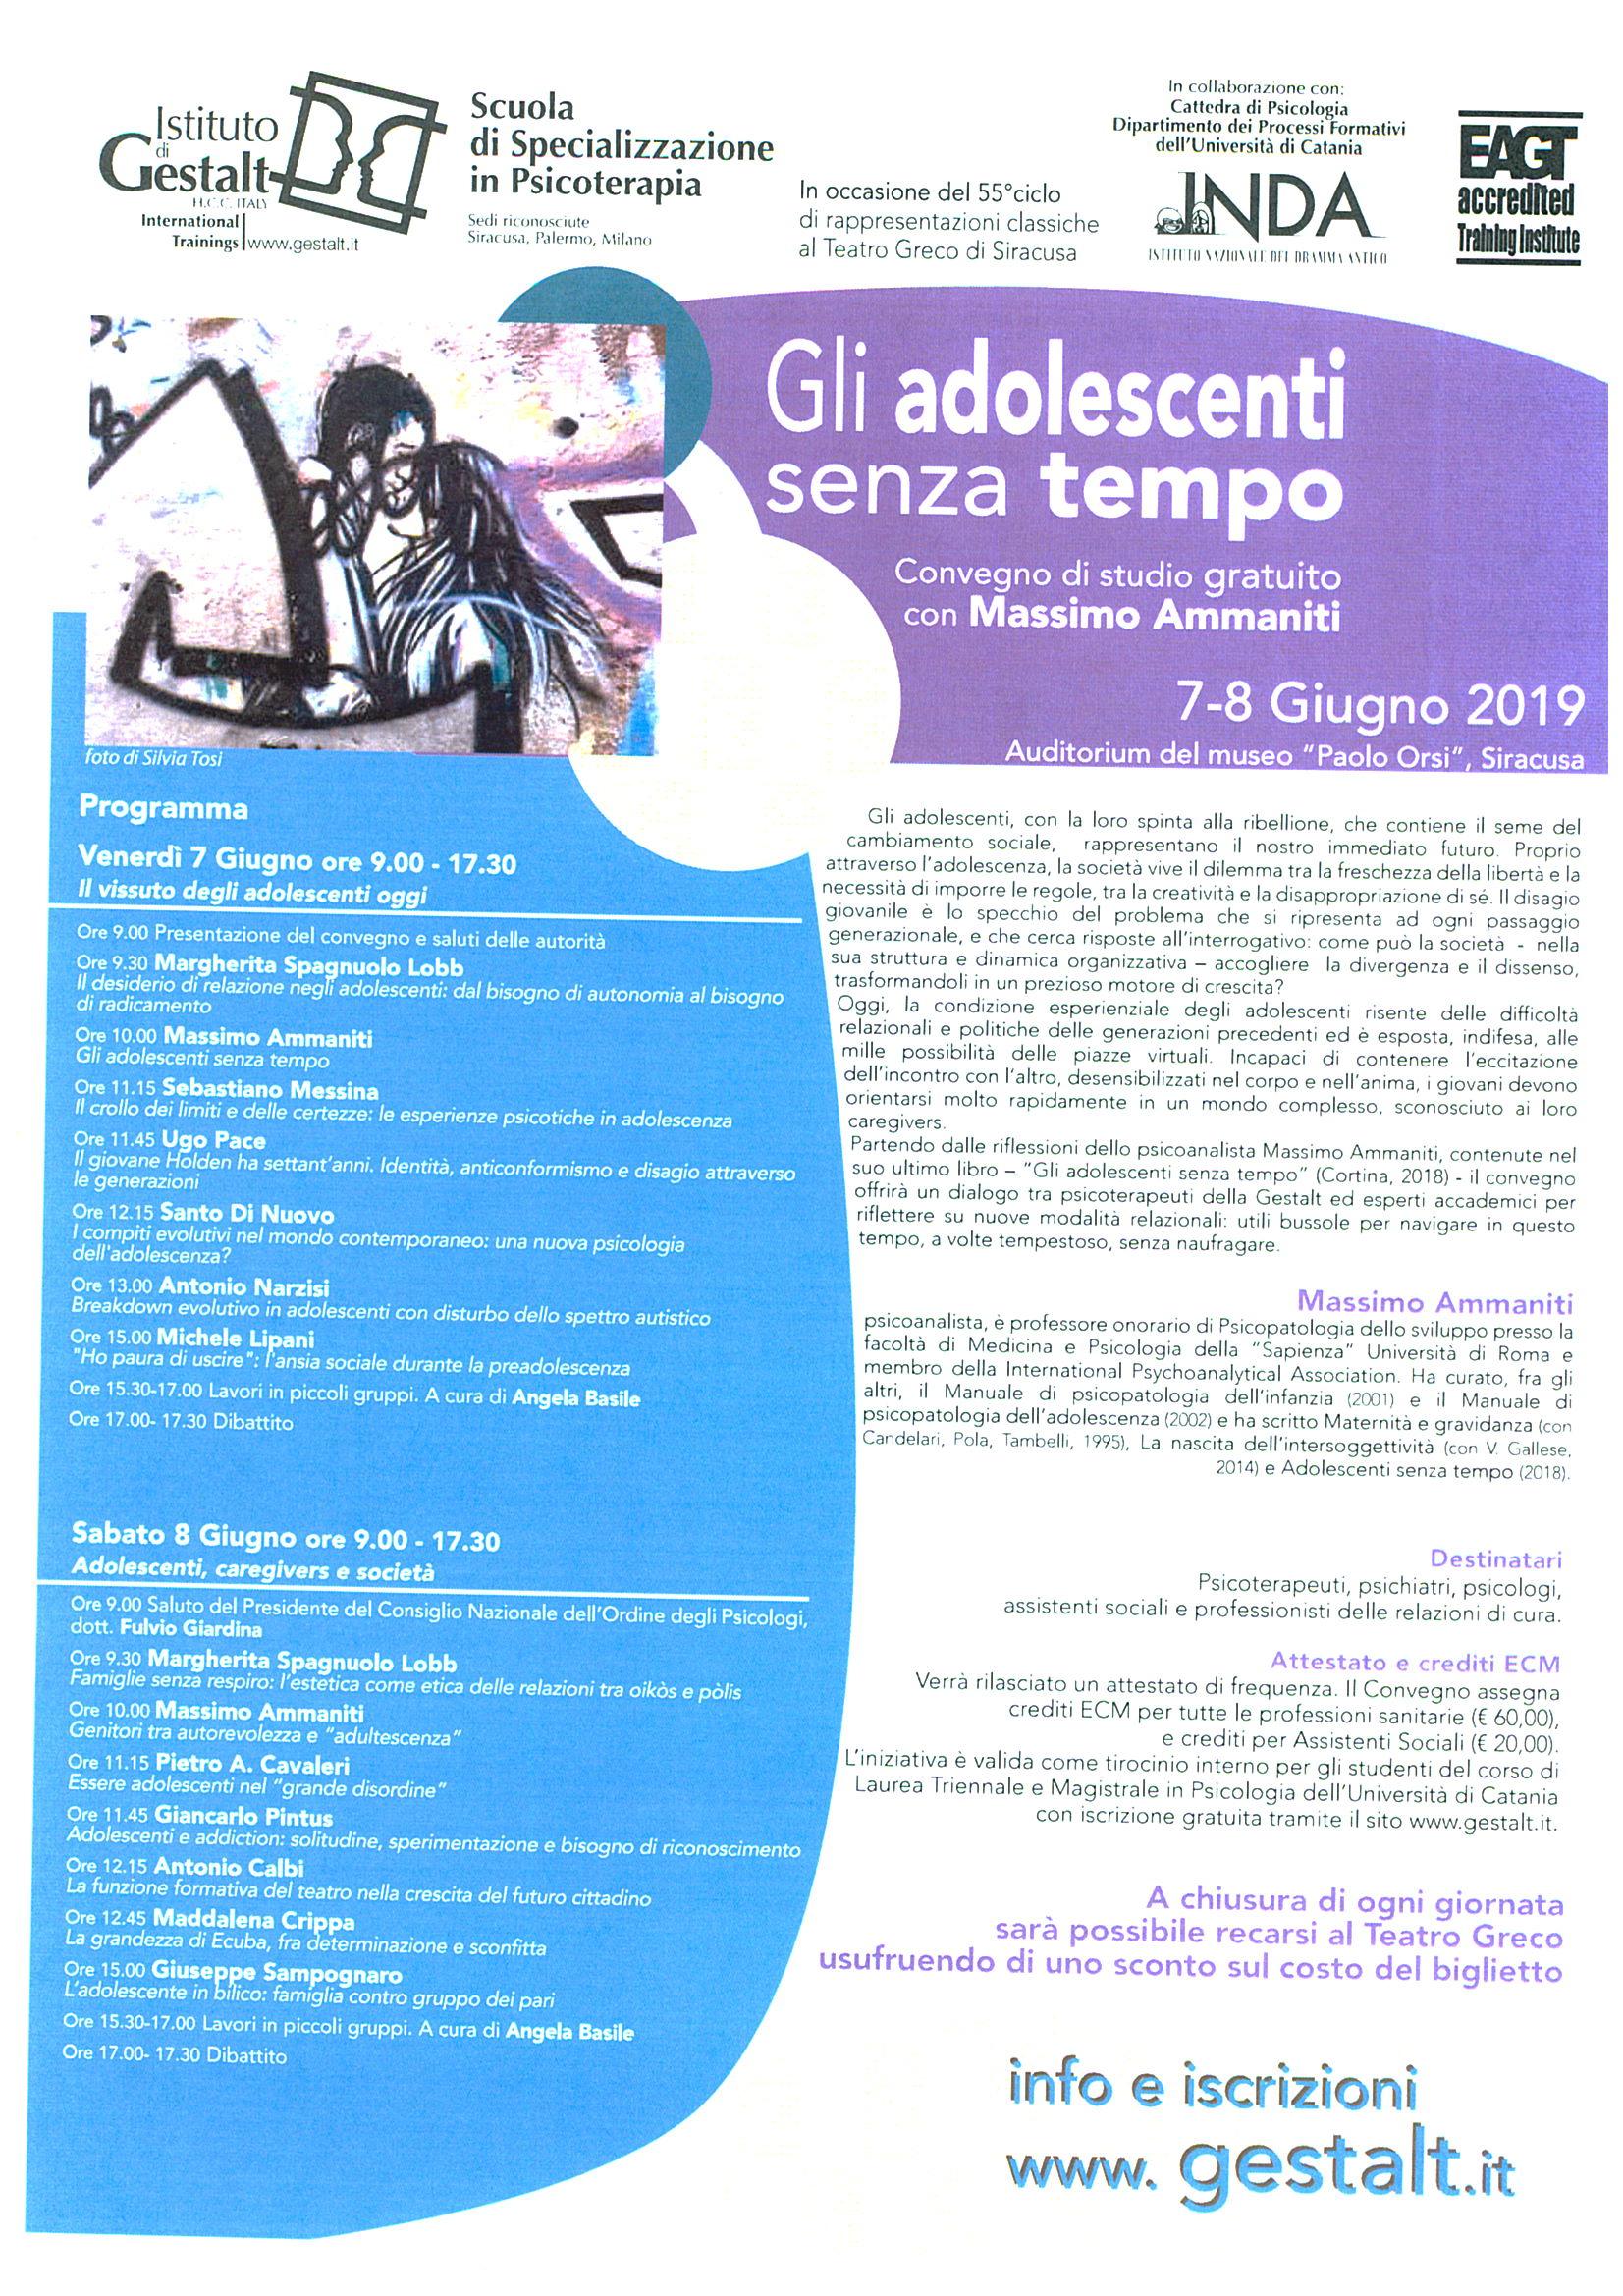 """""""Gli adolescenti senza tempo"""": convegno di studi gratuito con Massimo Ammaniti"""